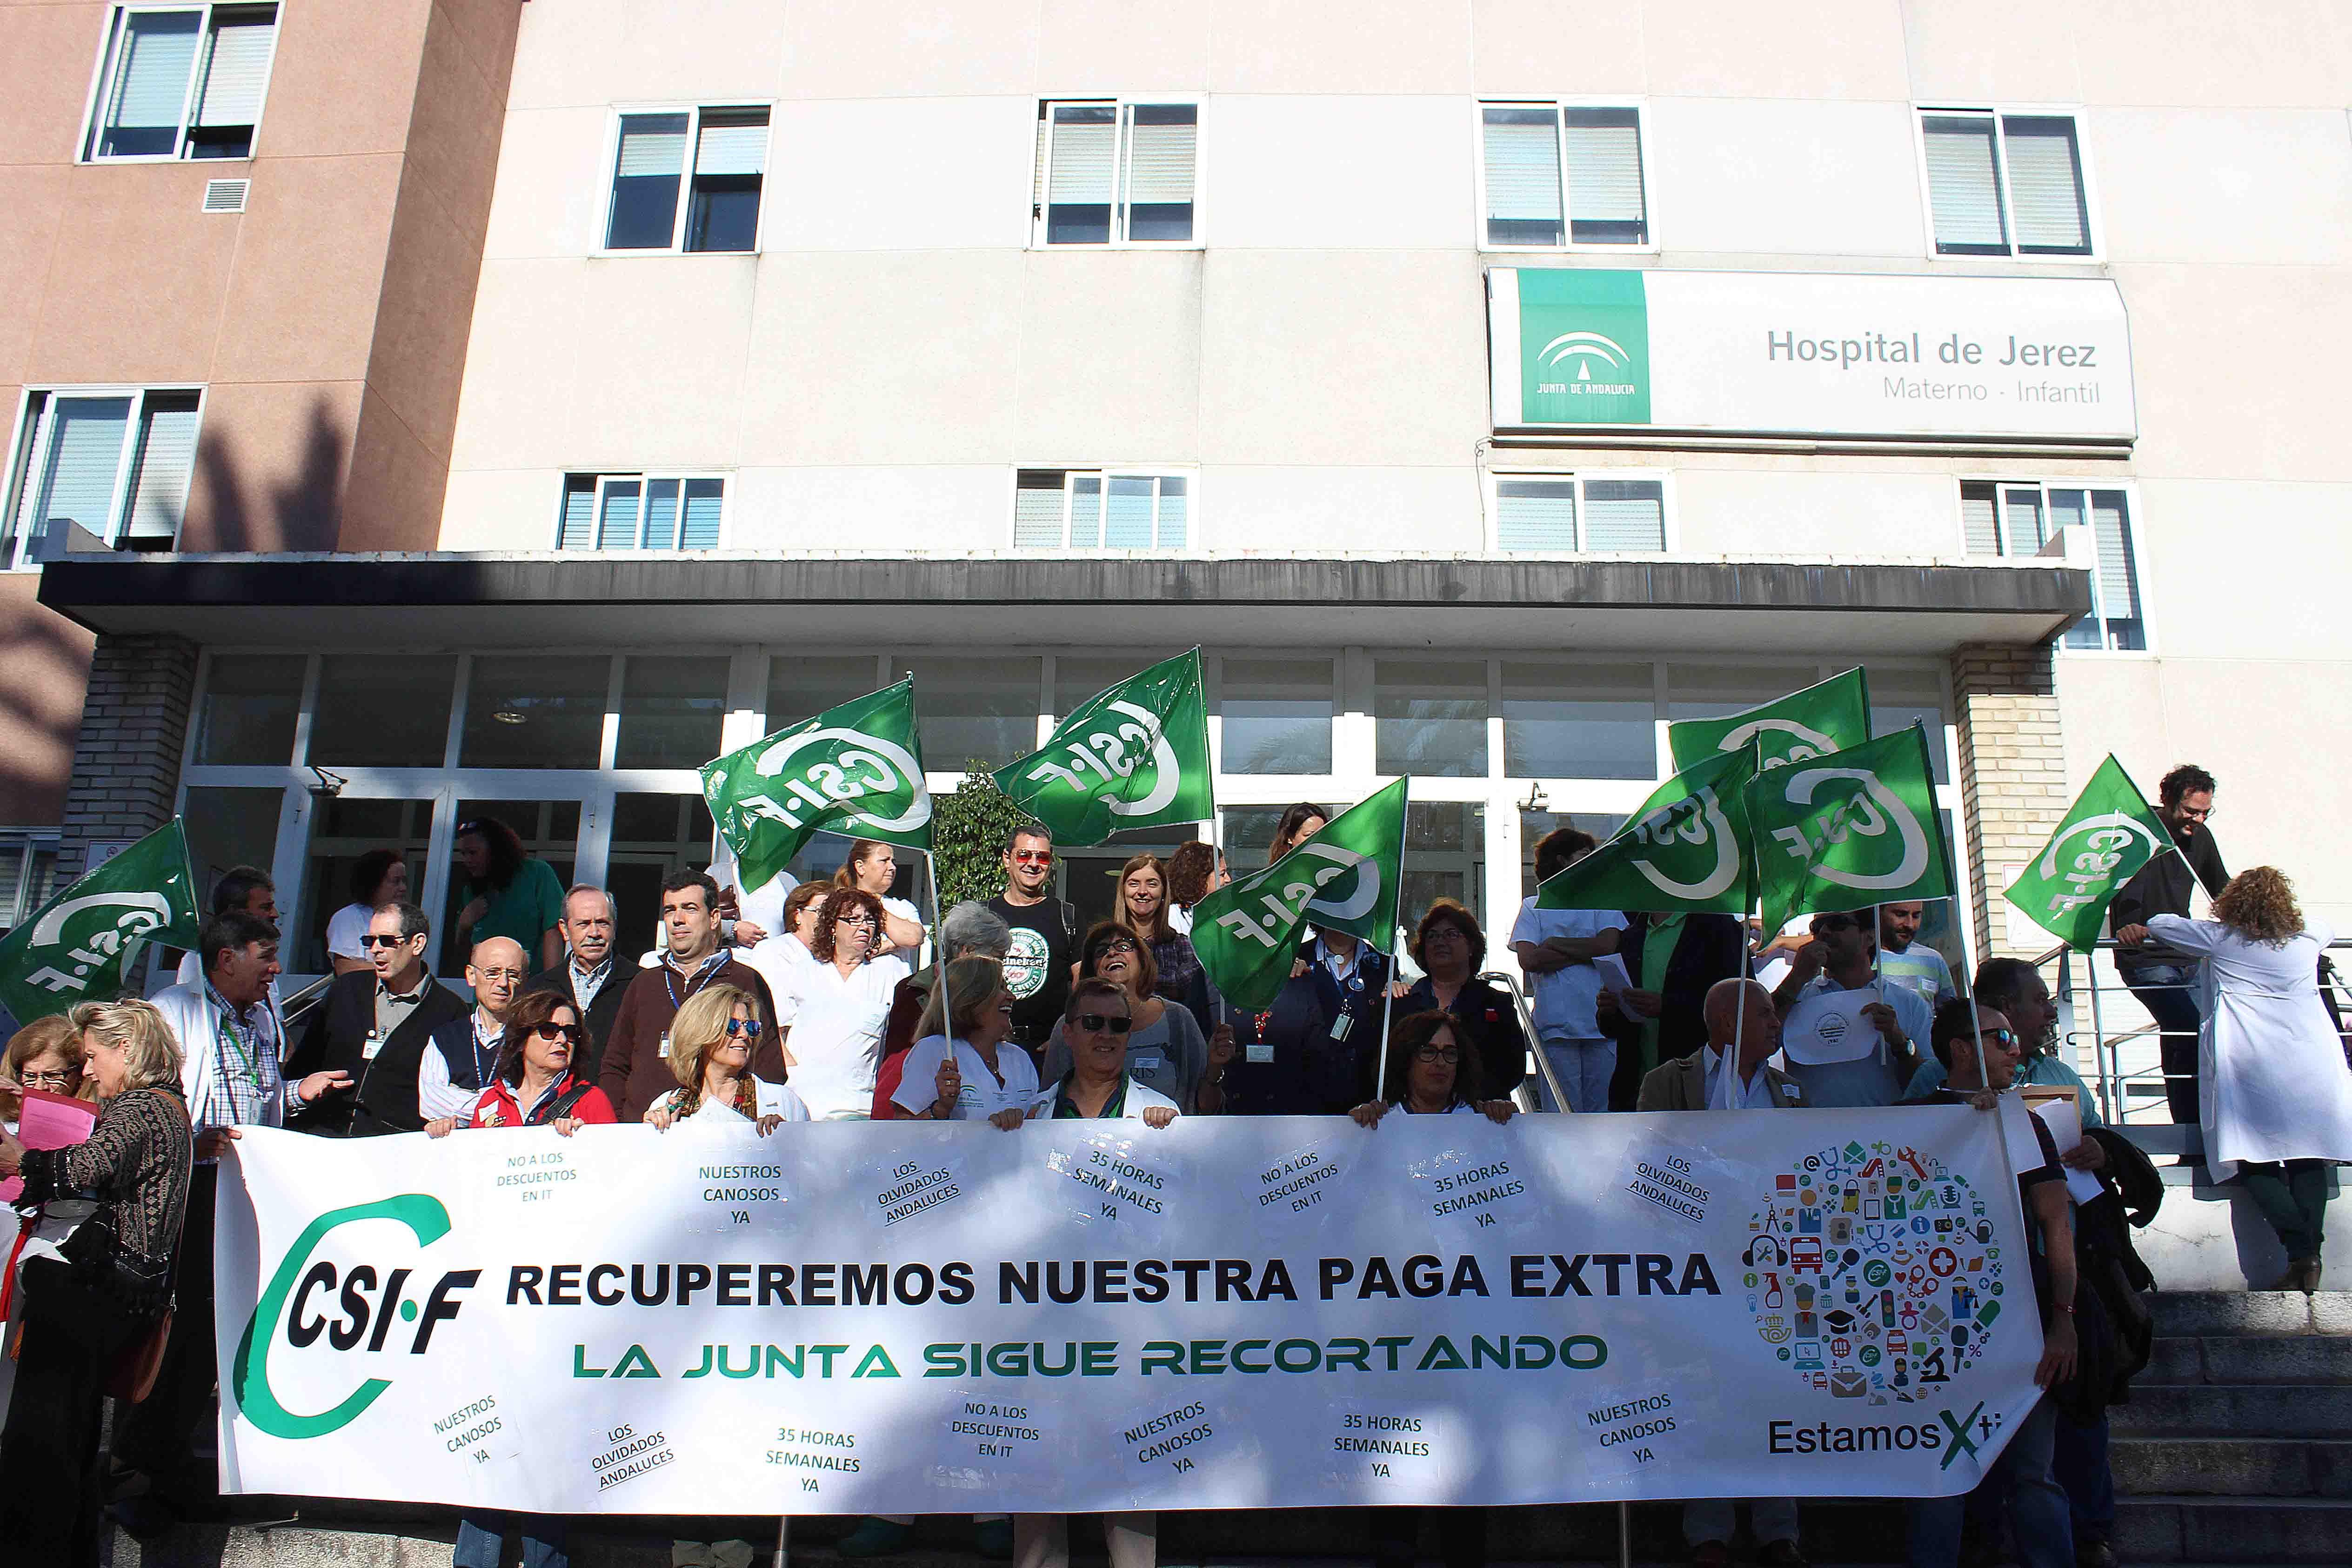 Concentración en el Hospital de Jerez para exigir la recuperación de los derechos recortados a los profesionales del SAS